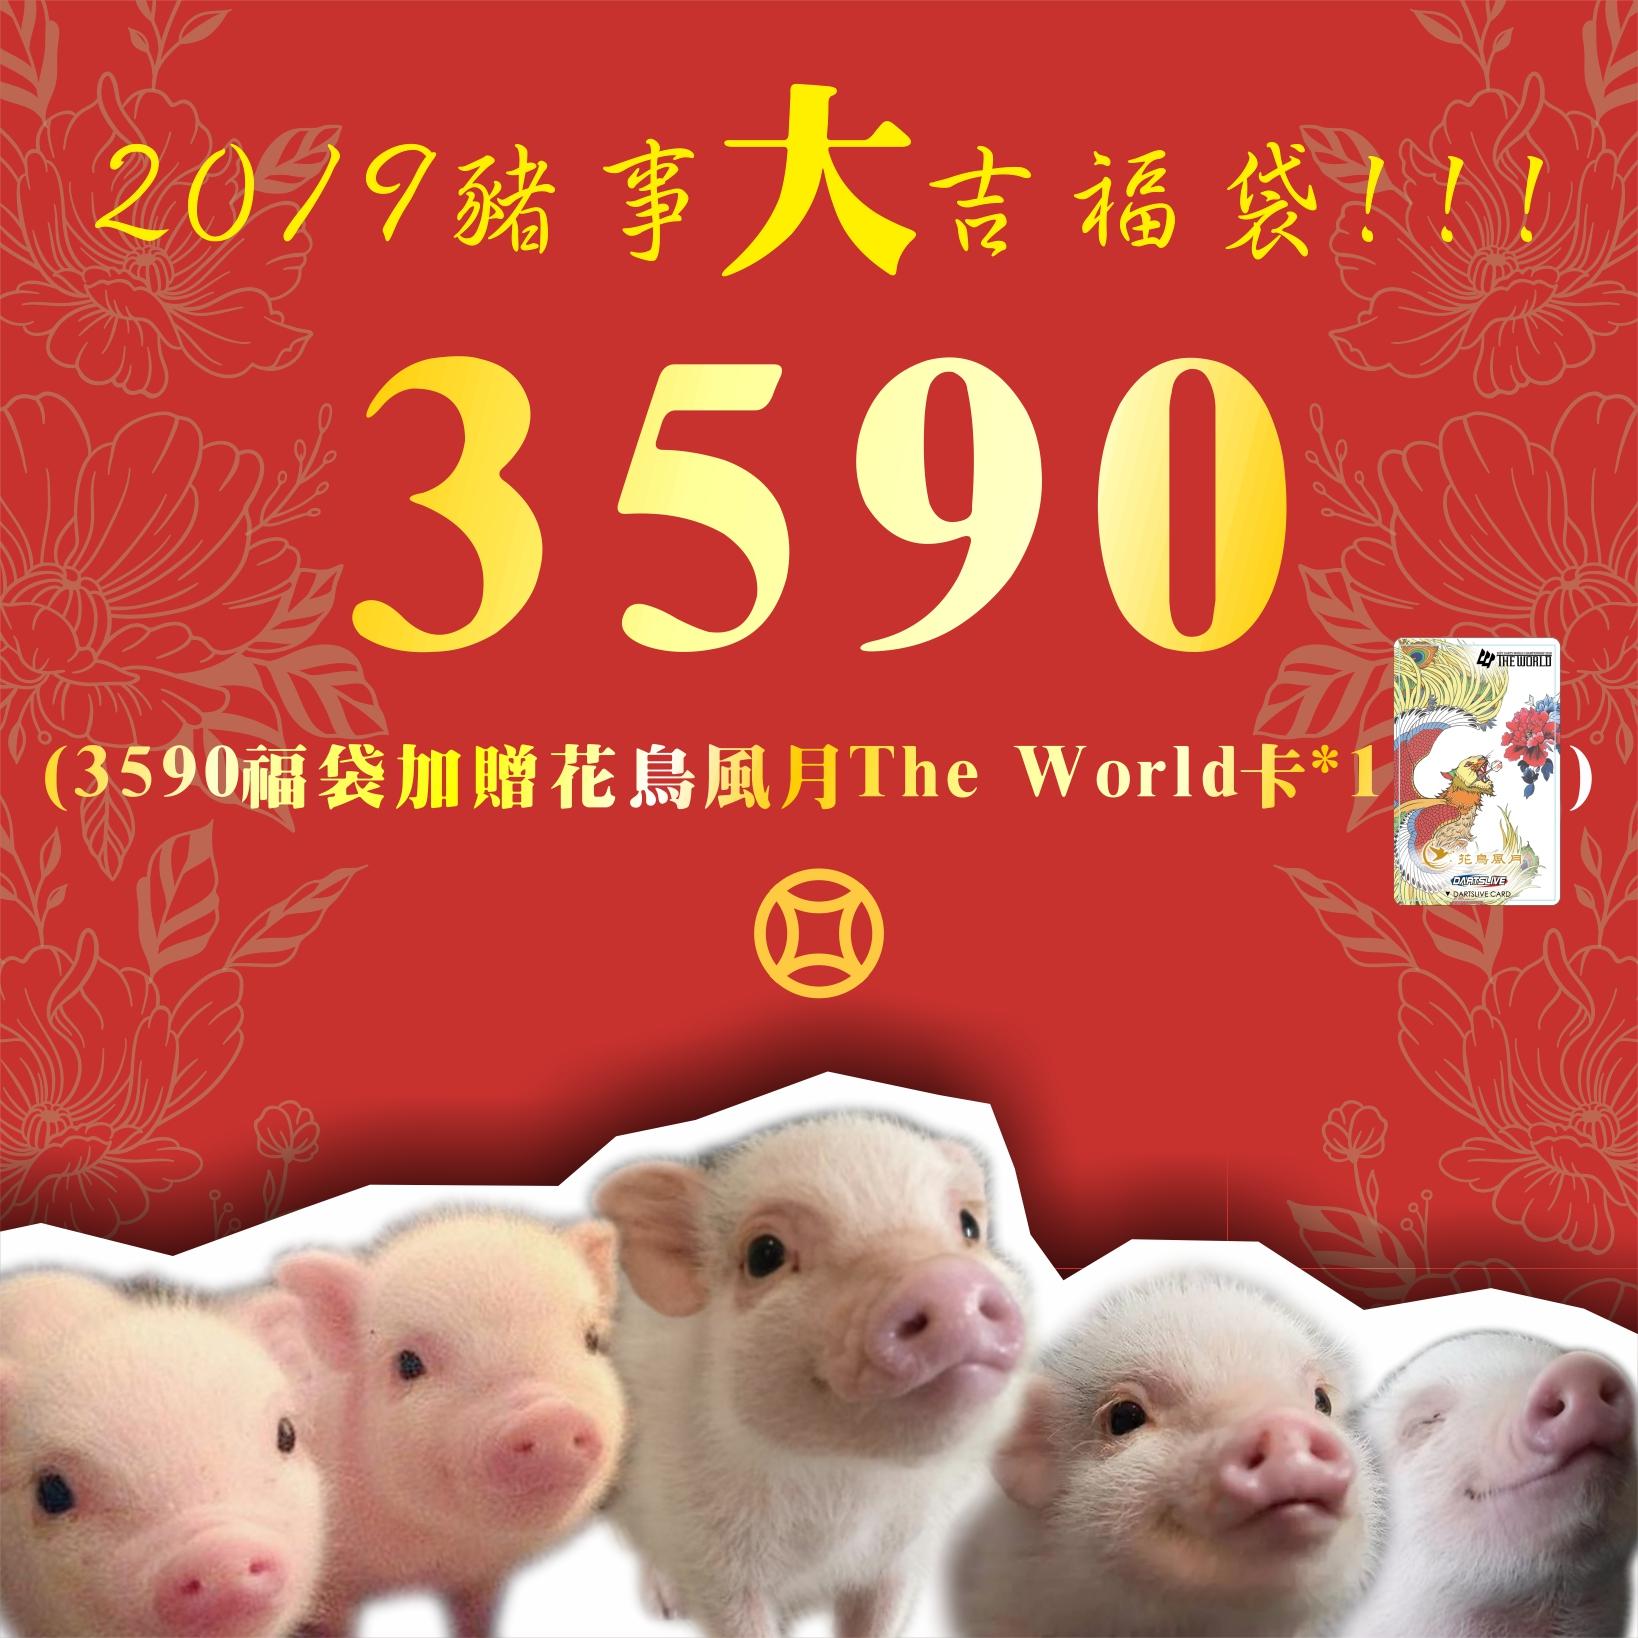 fukubukuro-2019-3590